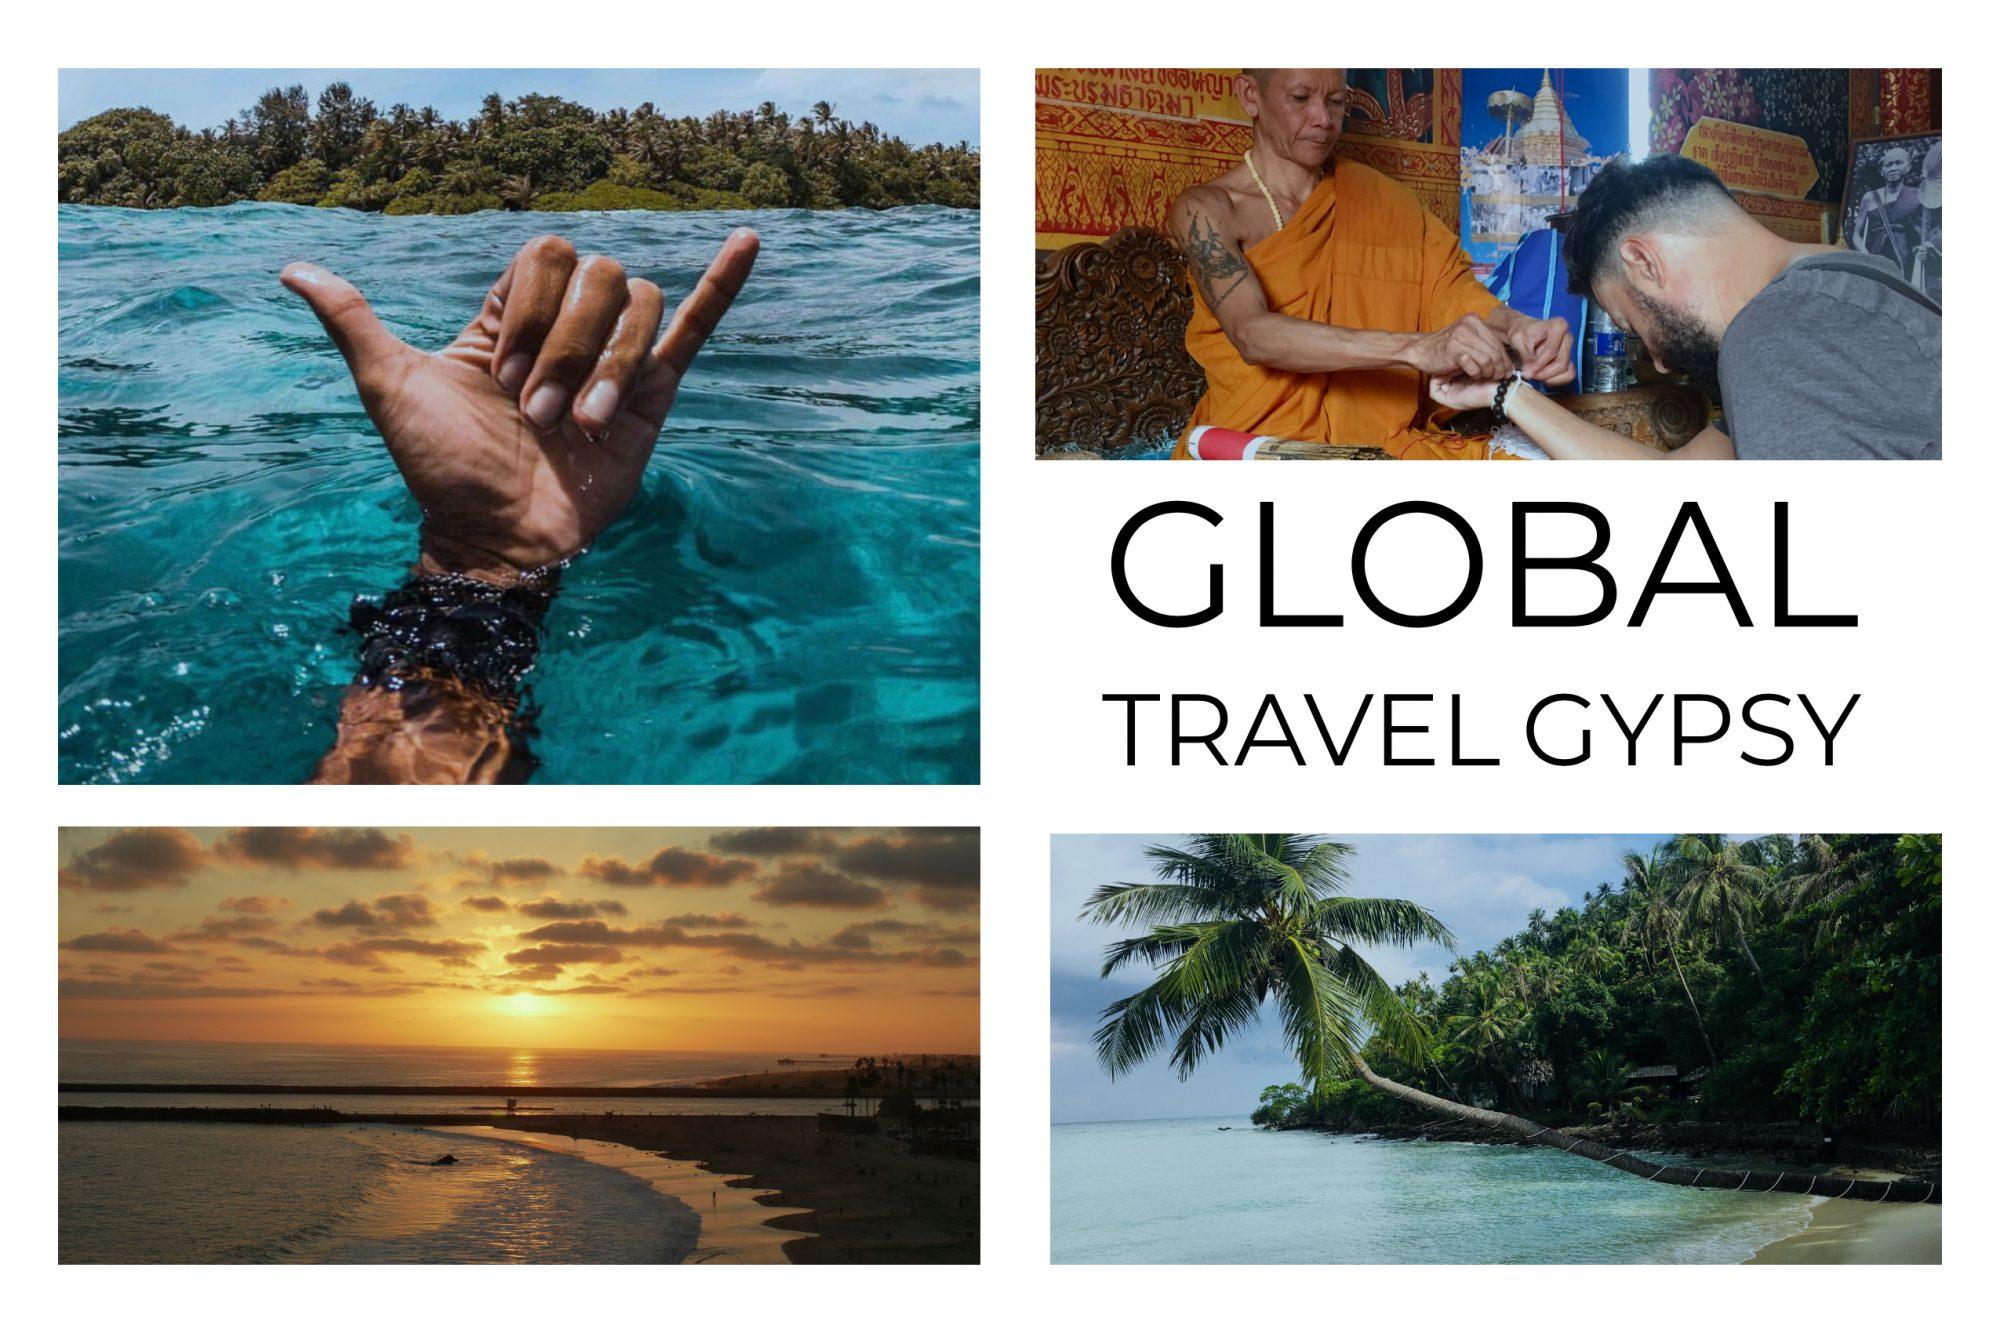 Global Travel Gypsy